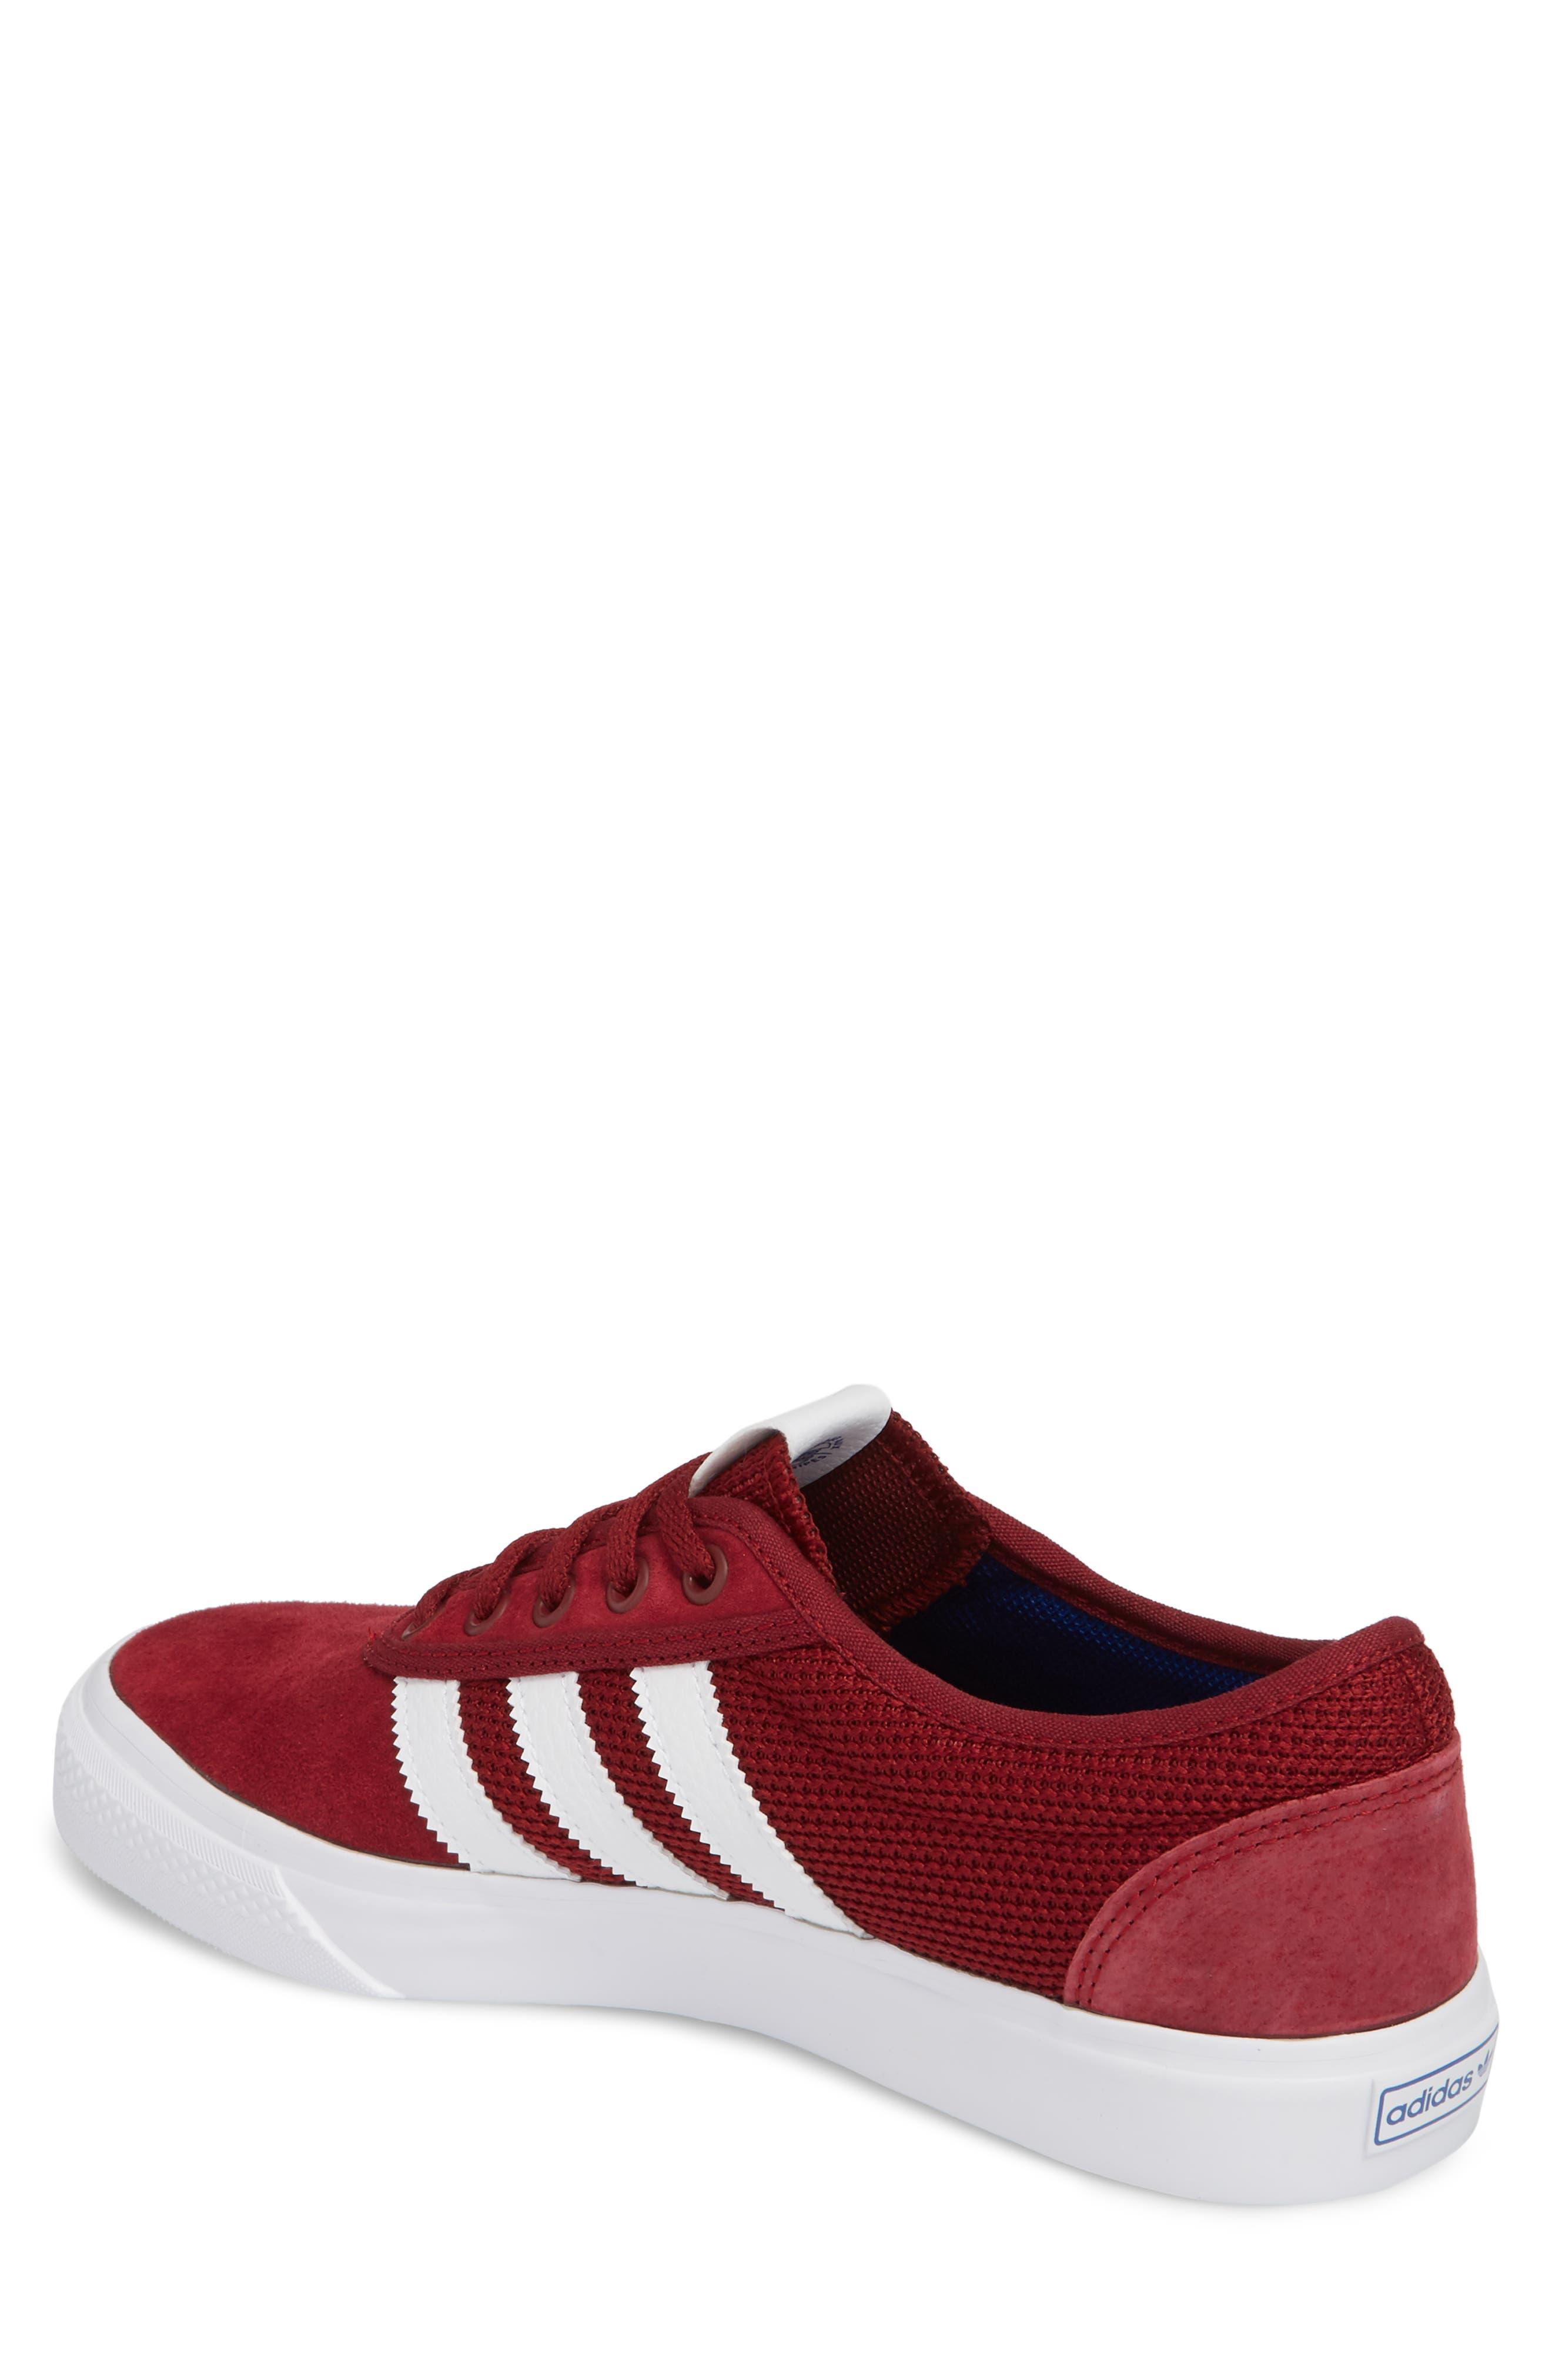 adi-Ease Sneaker,                             Alternate thumbnail 2, color,                             BURGUNDY/ WHITE / ROYAL